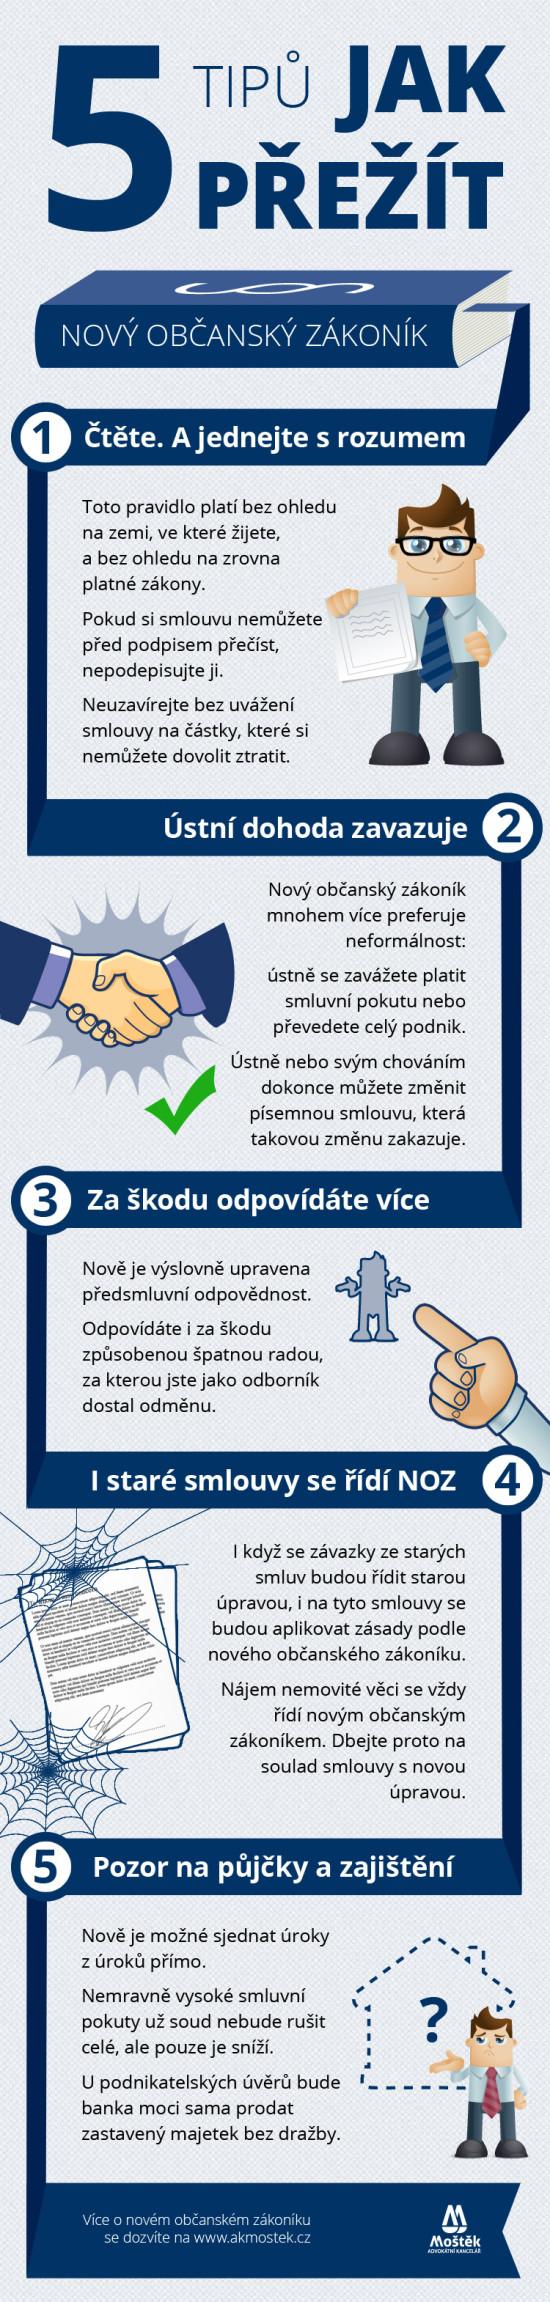 5 tipu, jak prezit novy obcansky zakonik - infografika